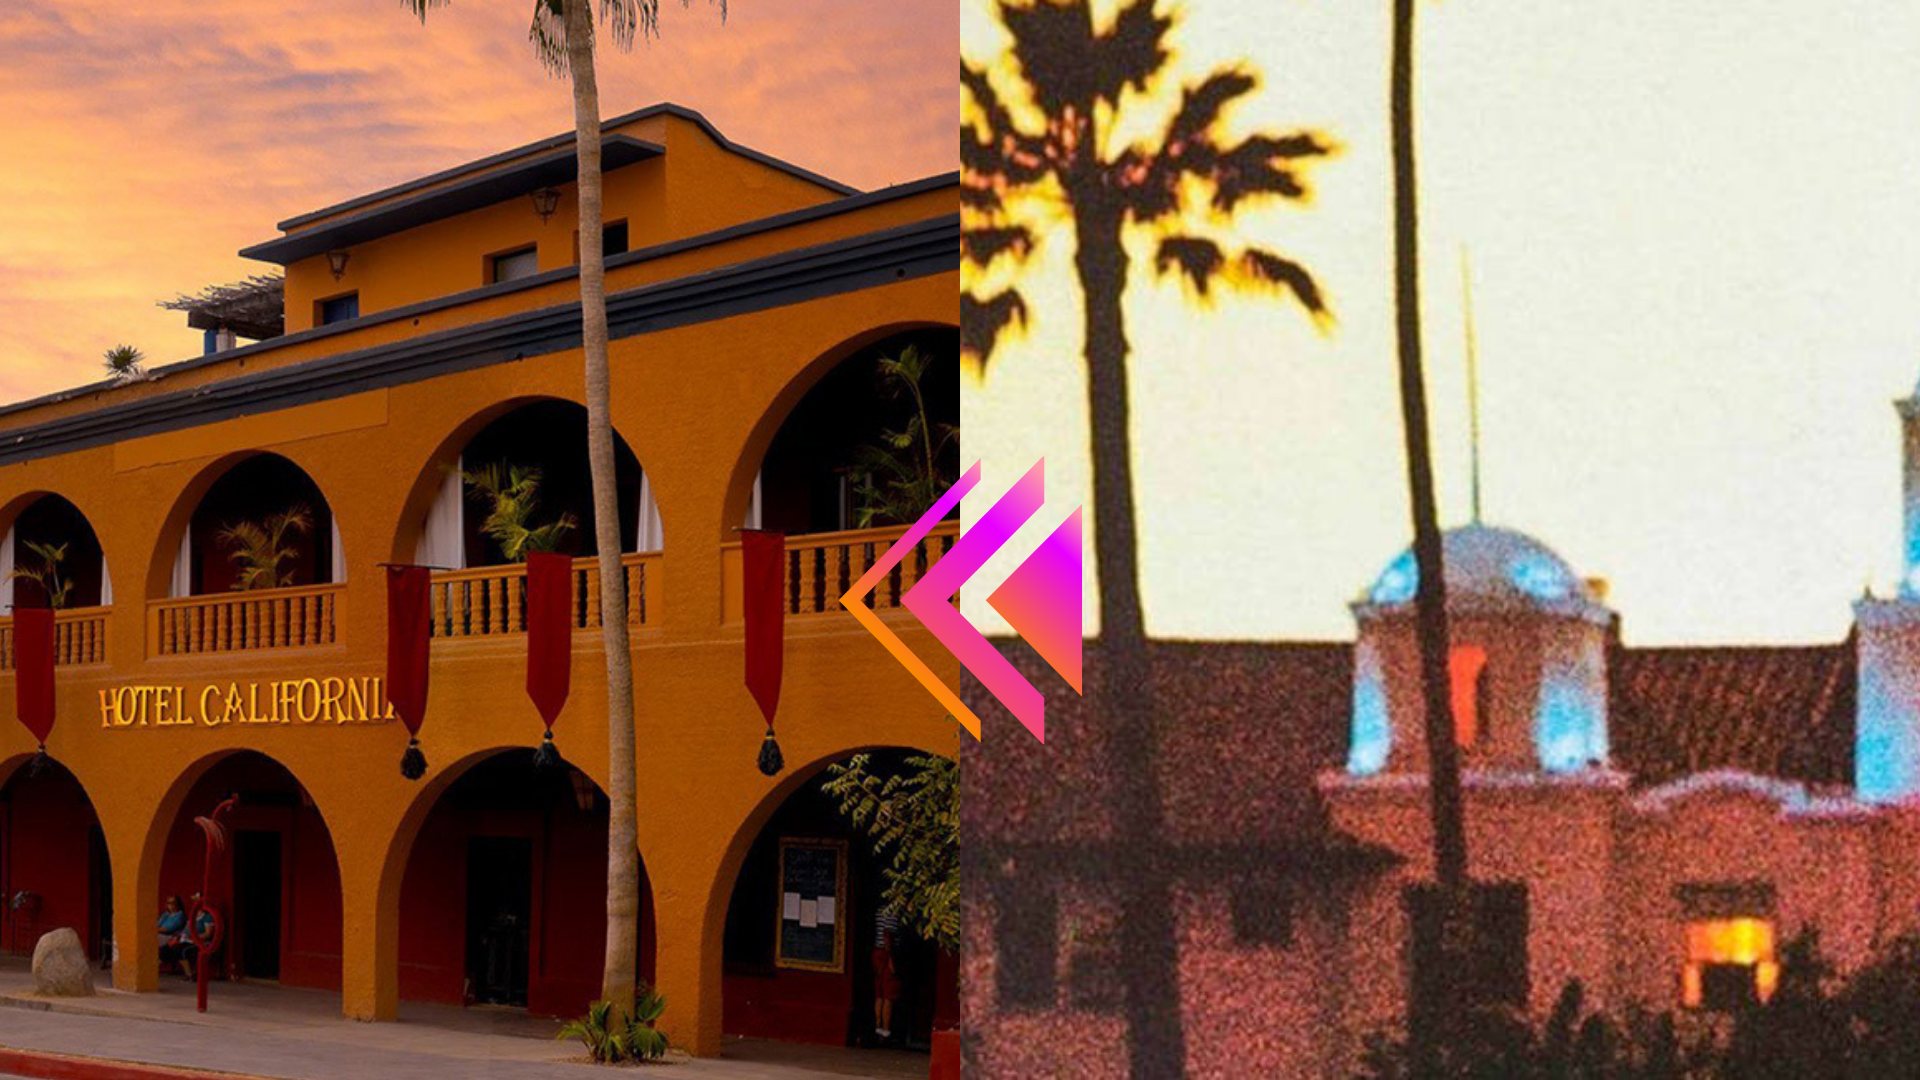 ¿El hotel California de Todos Santos es el de la canción?